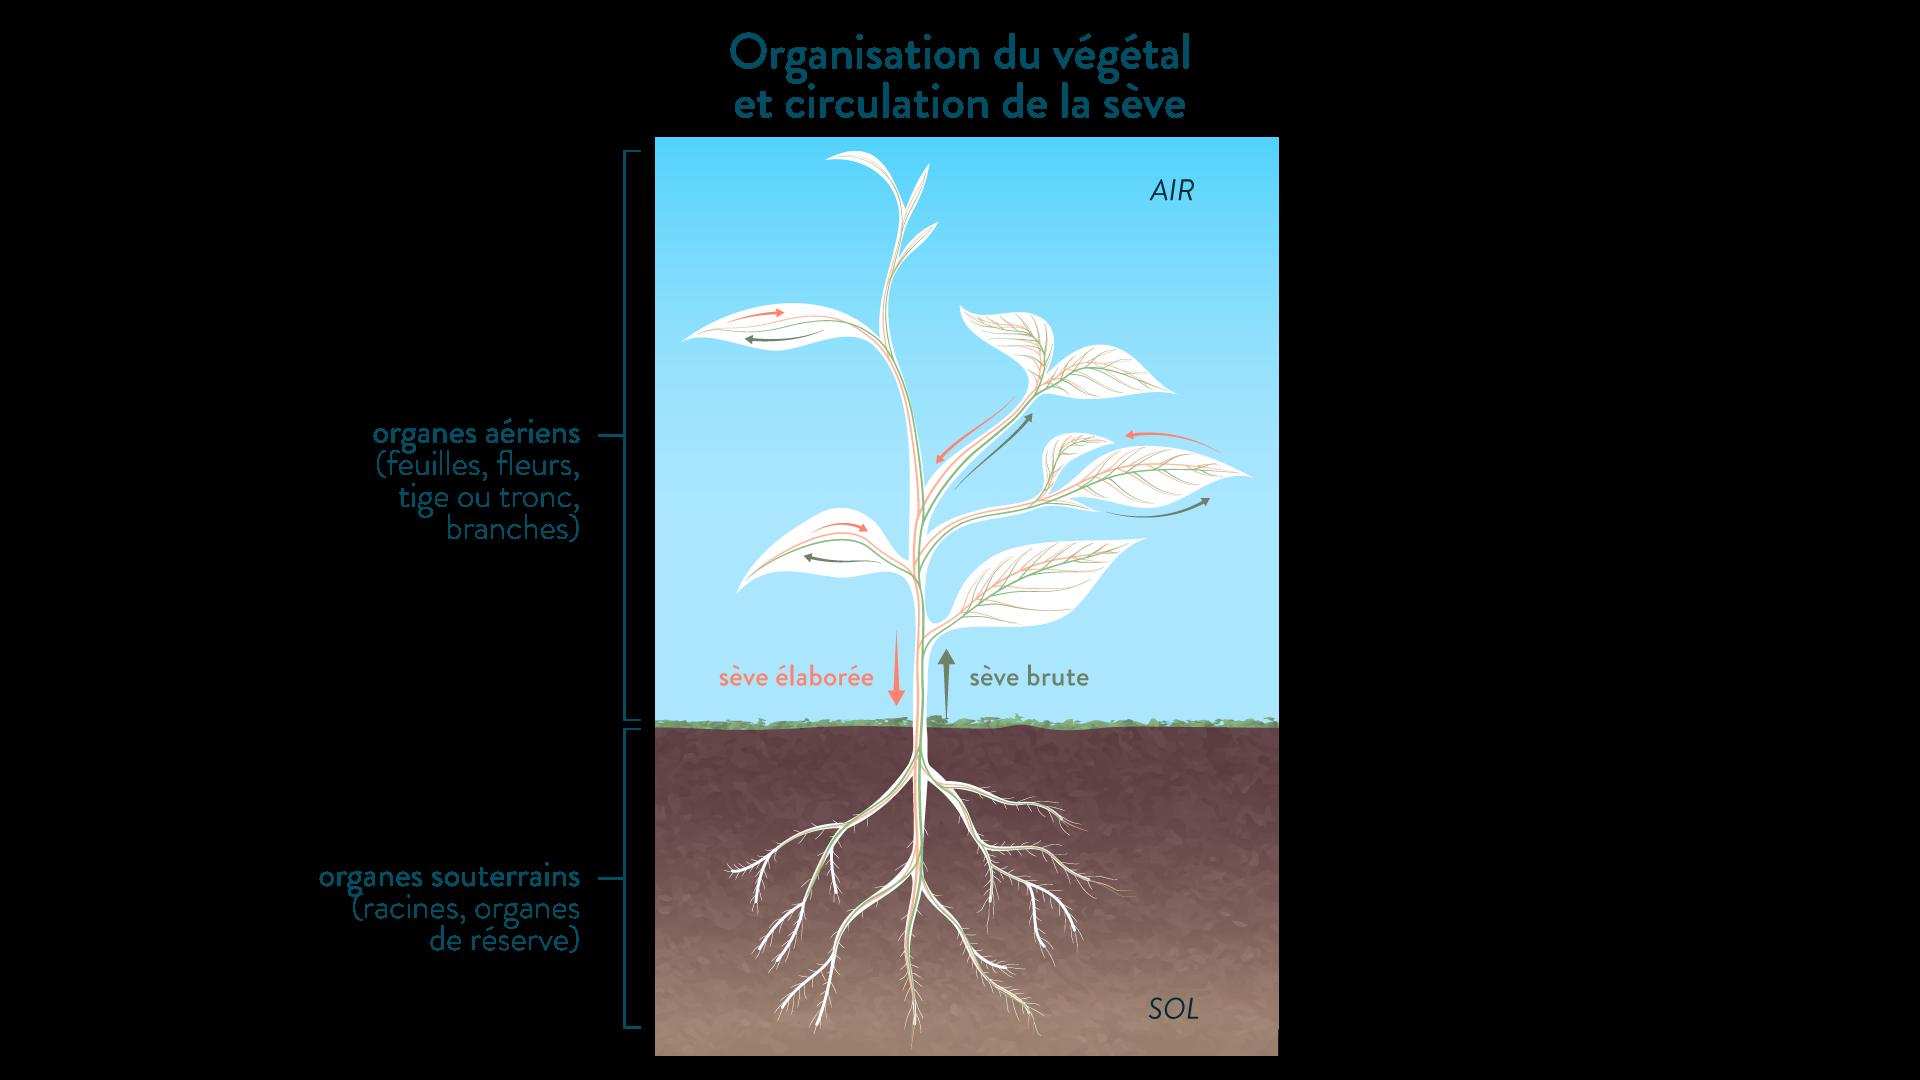 Organisation du végétal et circulation de la sève